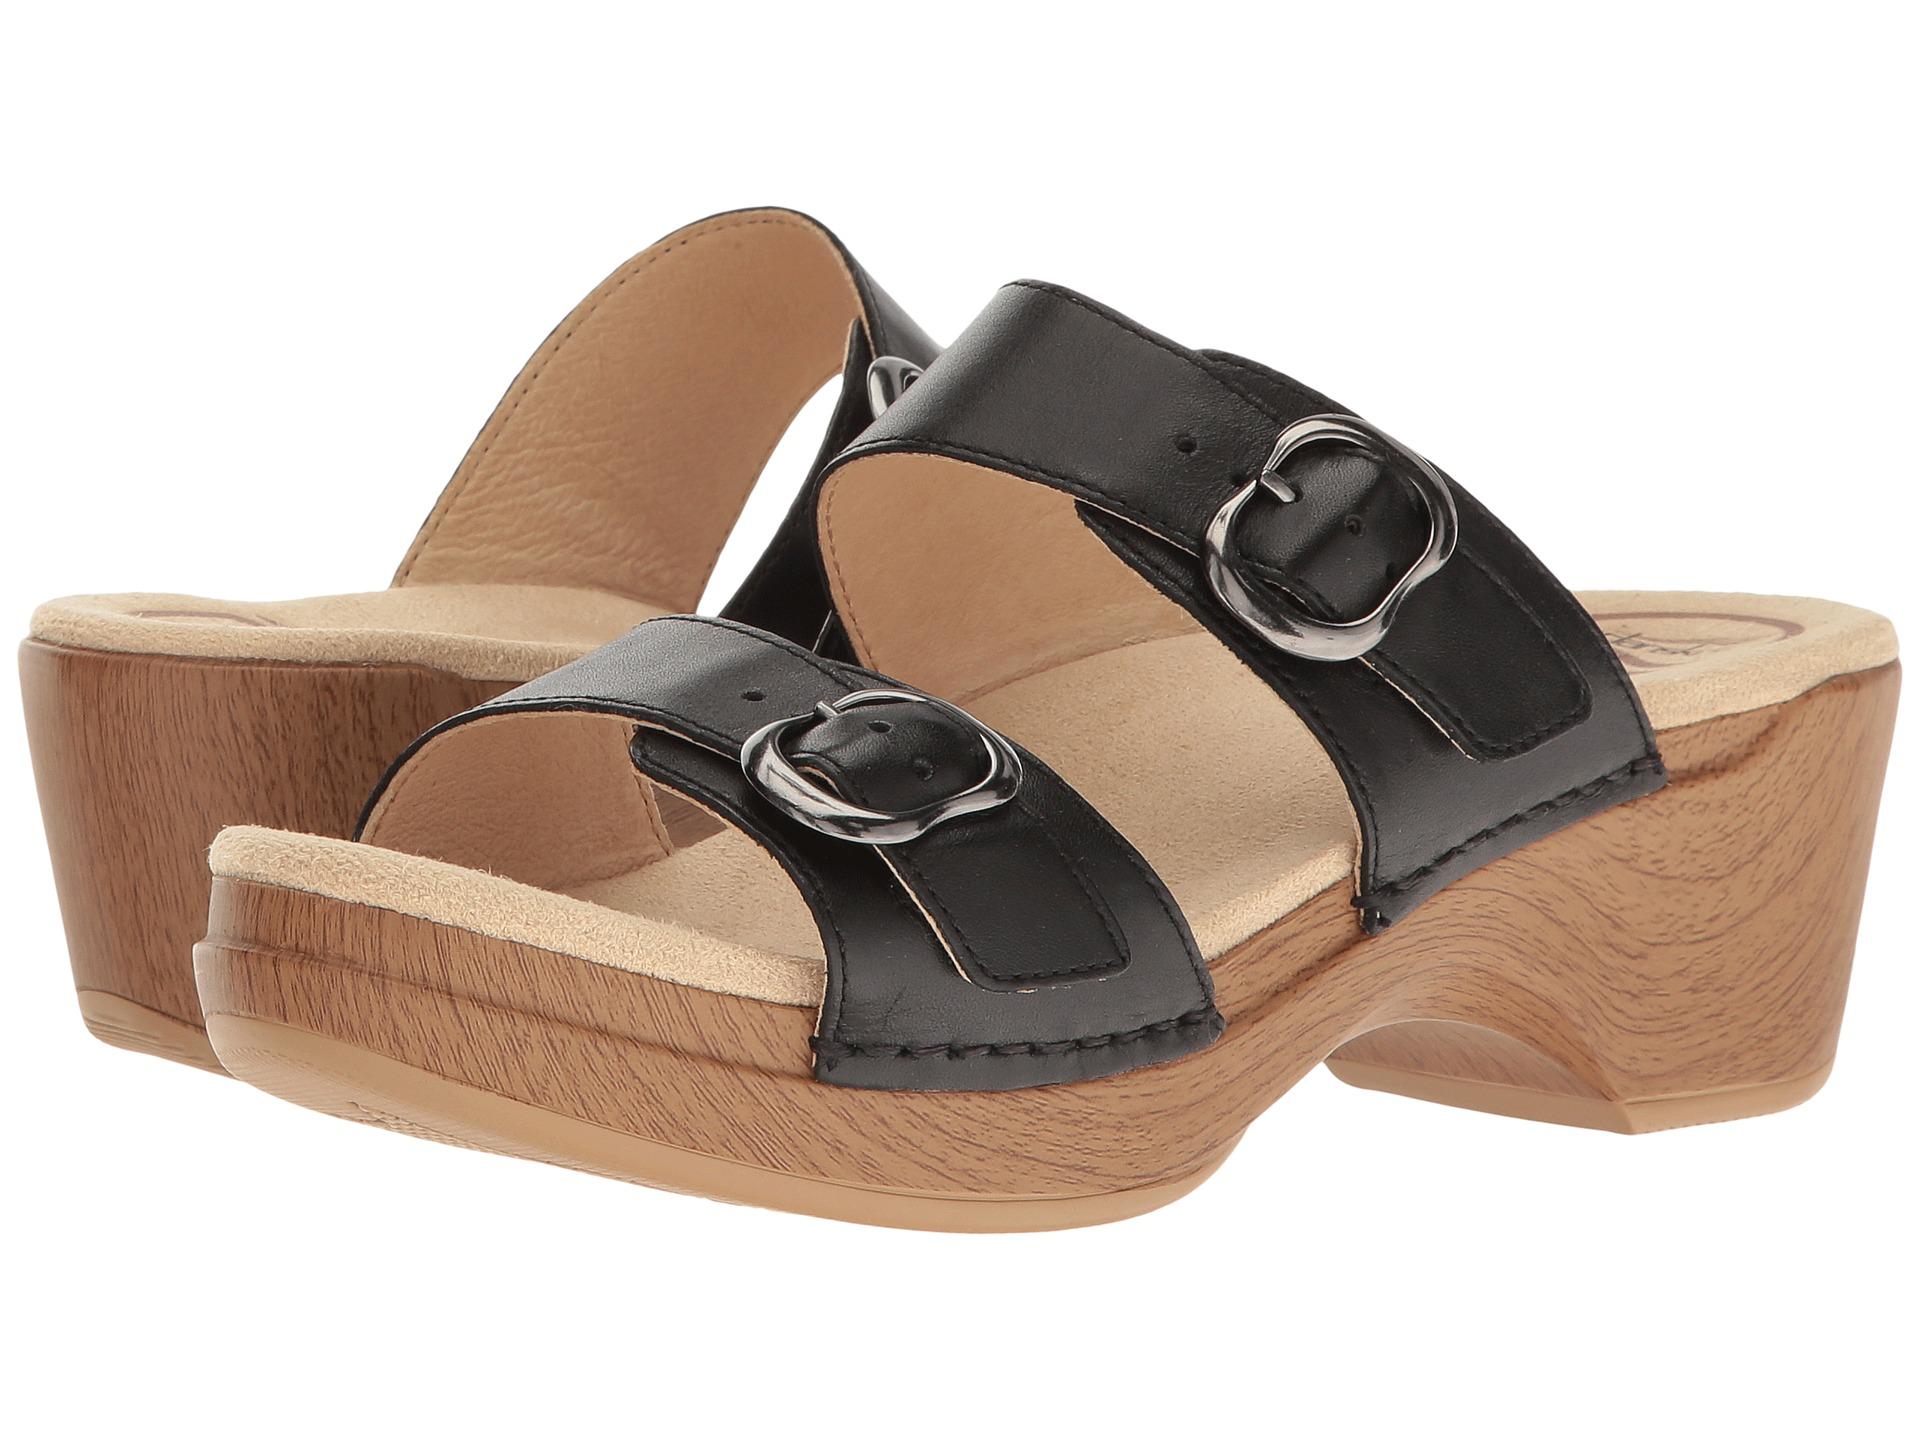 Black dansko sandals - View More Like This Dansko Sophie